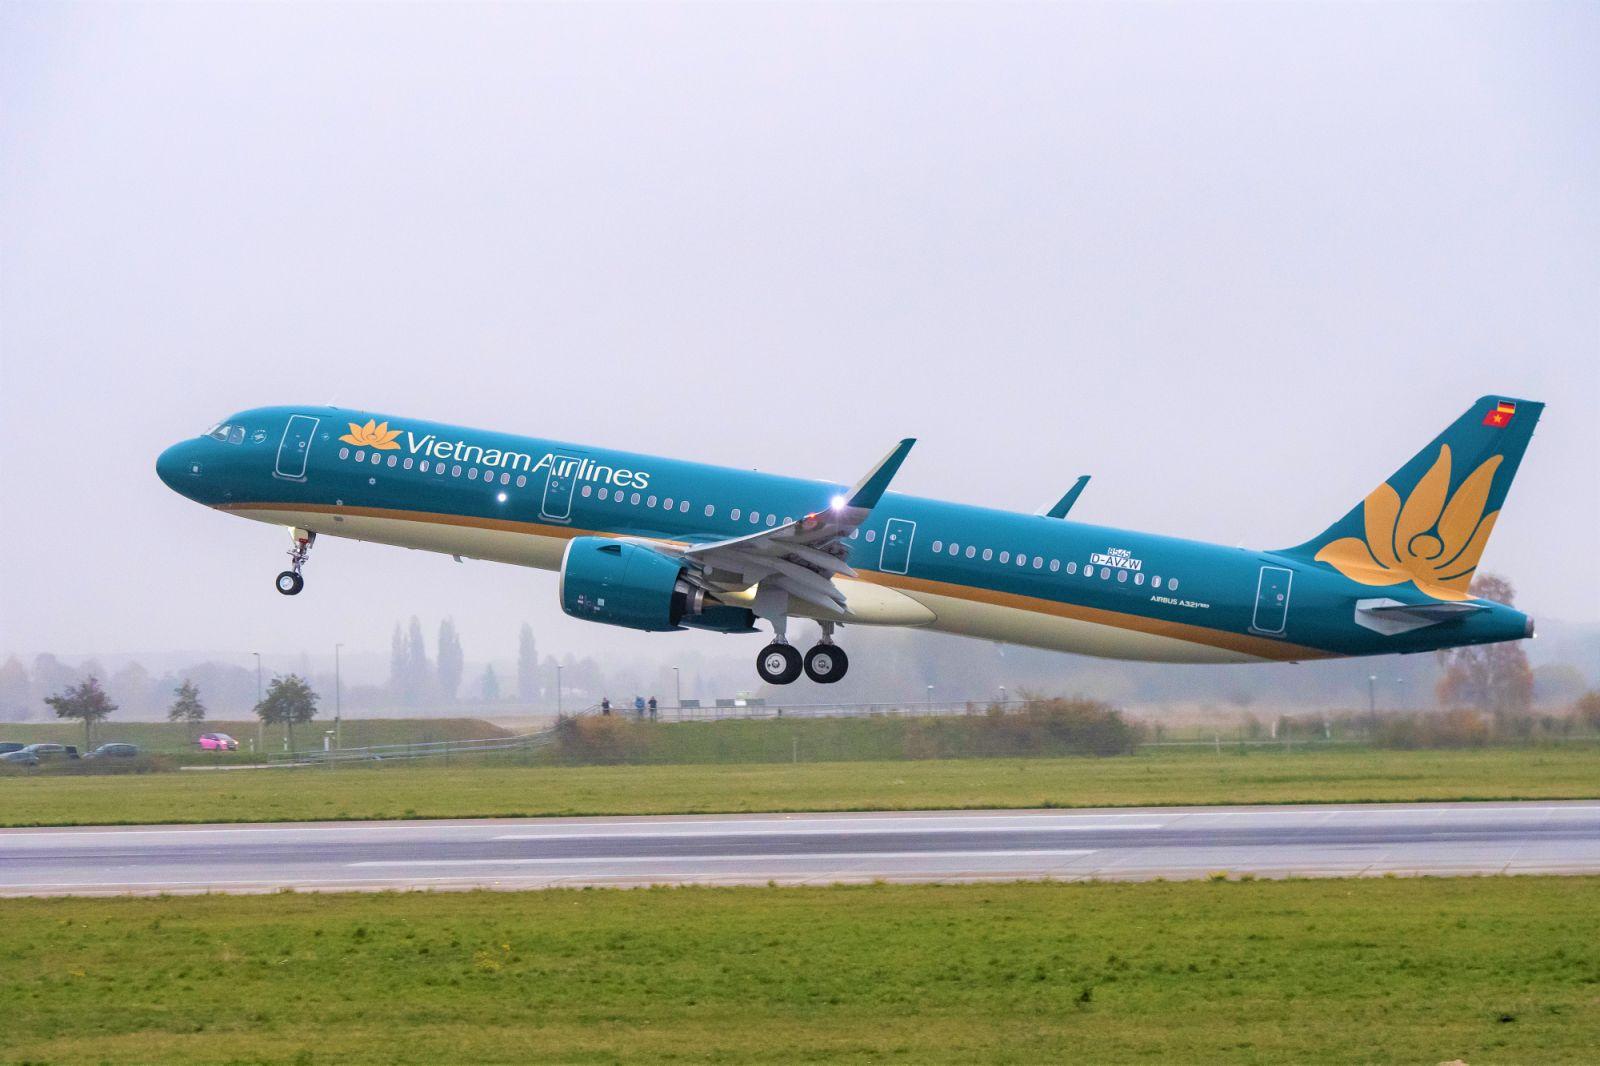 Đà Nẵng nới lỏng giãn cách, các hãng hàng không bắt đầu mở lại đường bay từ hôm nay